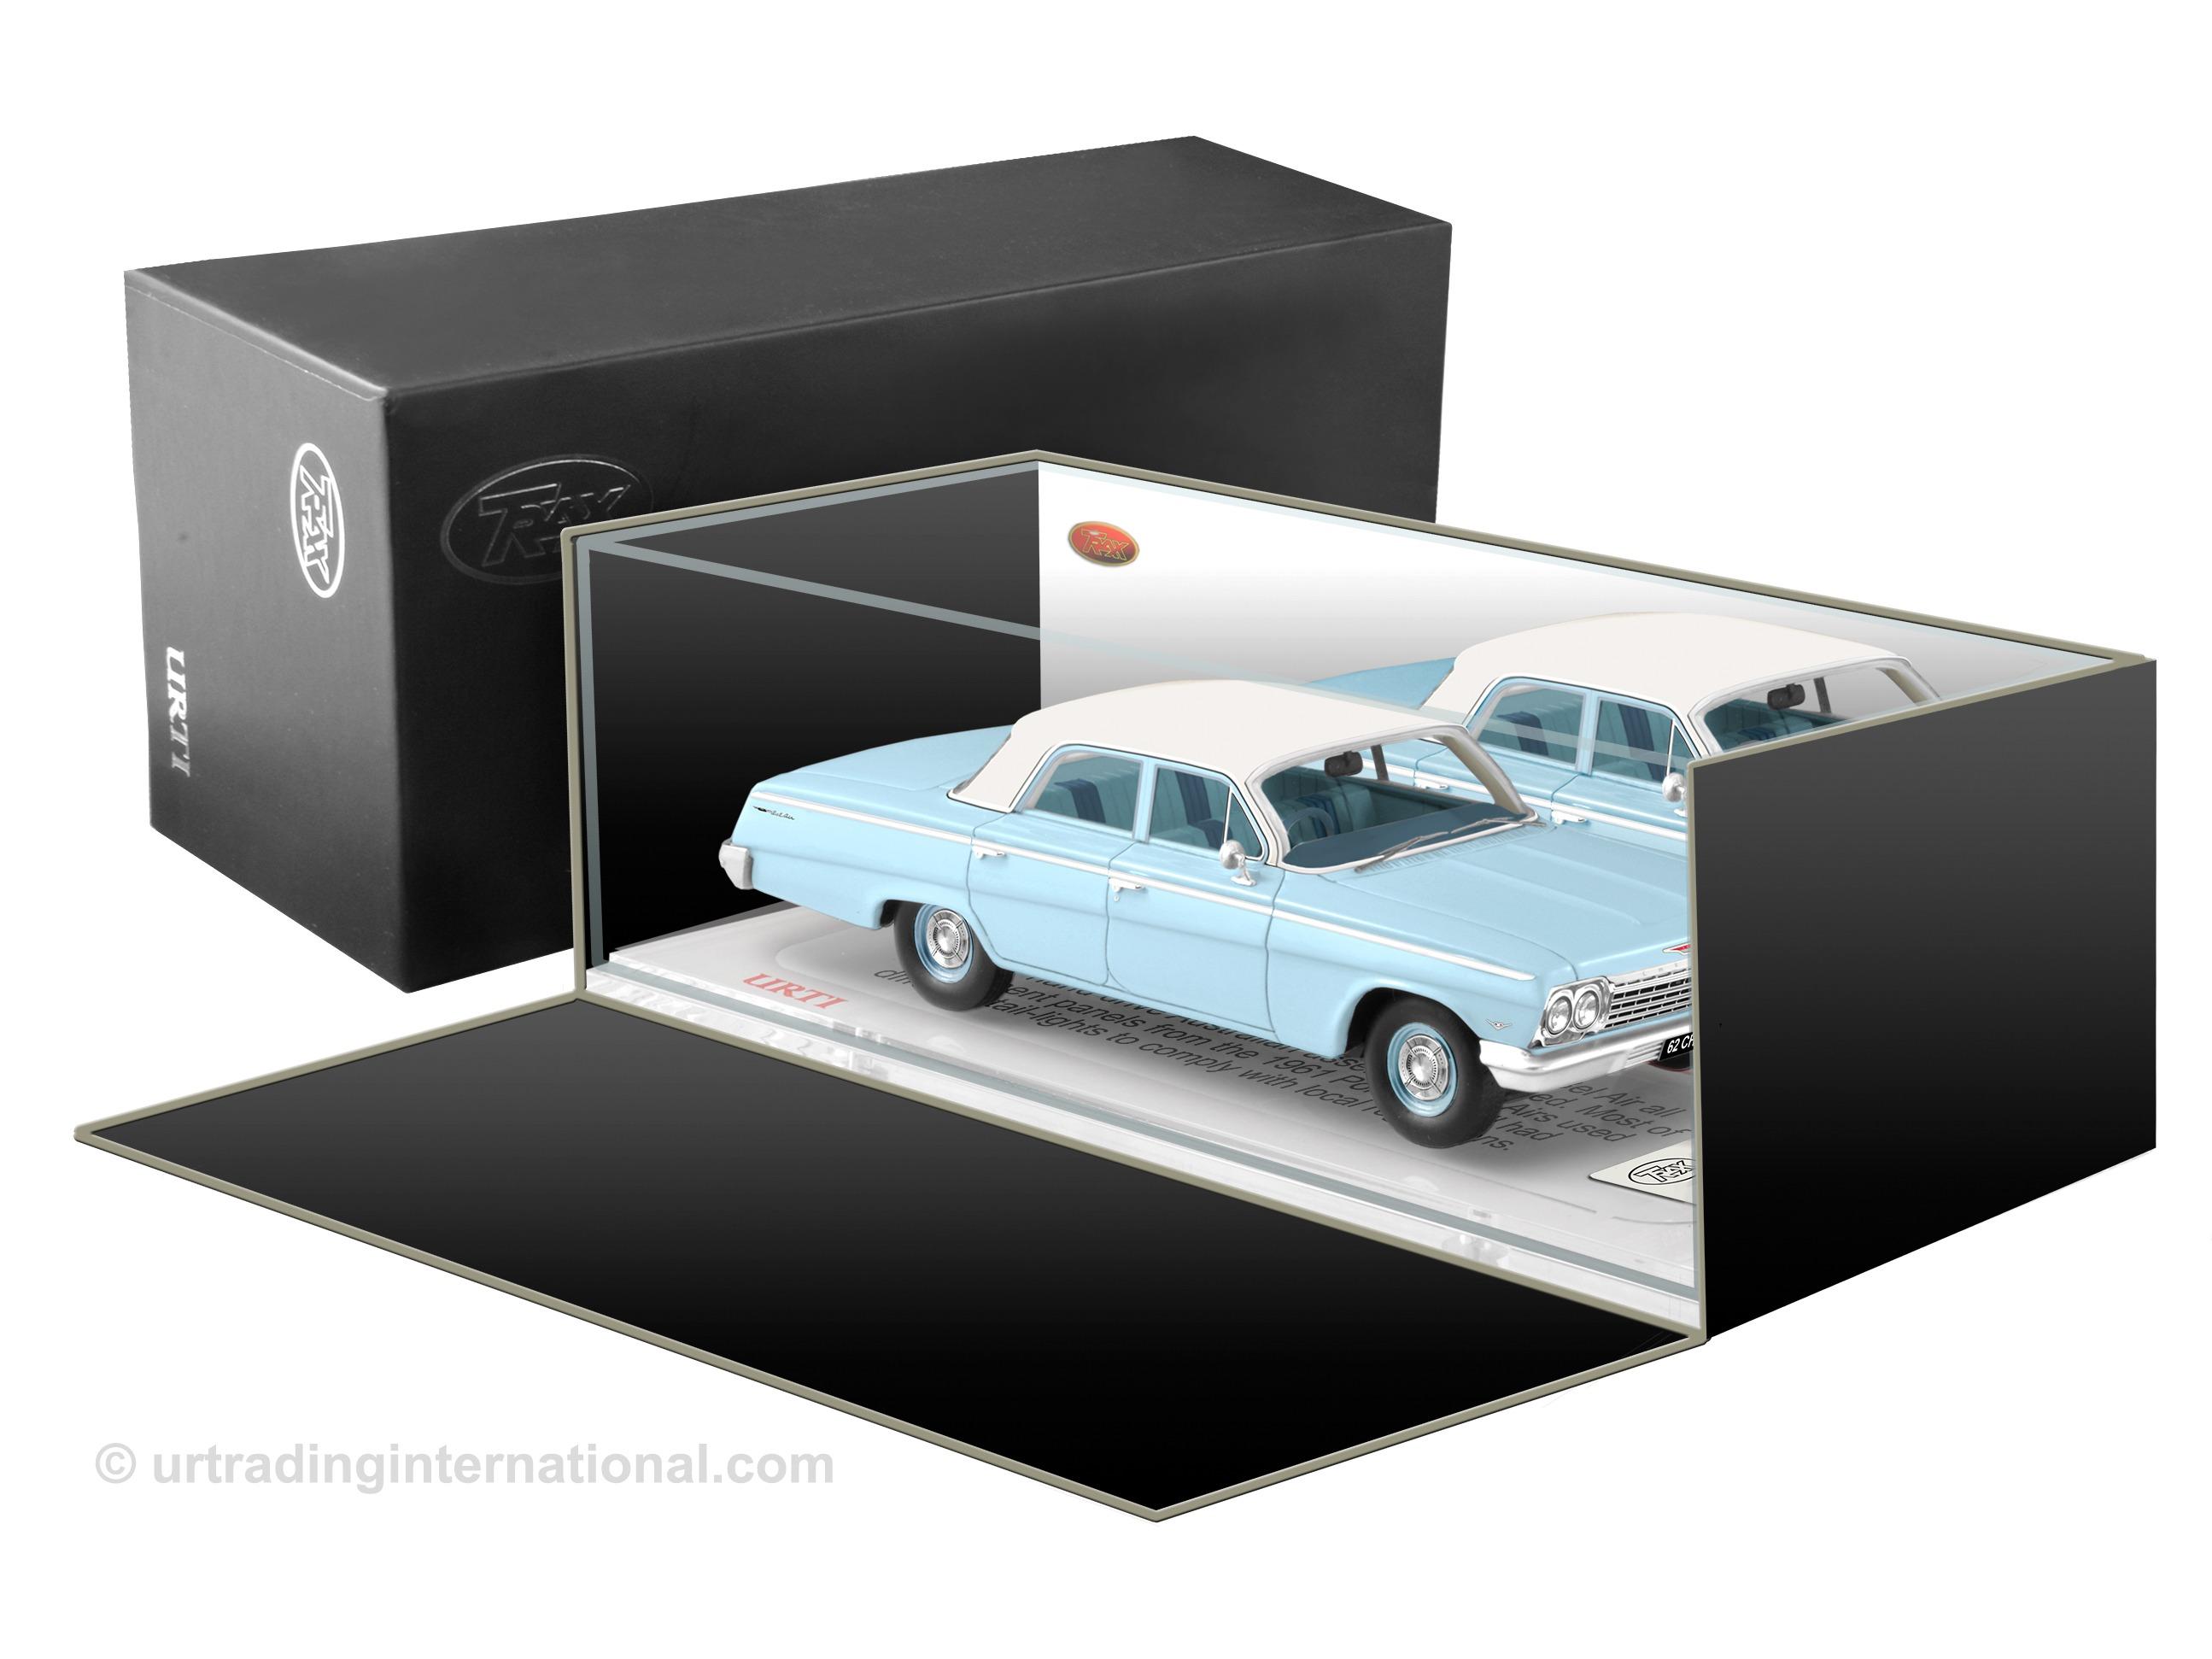 1962 Chevrolet Bel Air – Wedgewood Blue